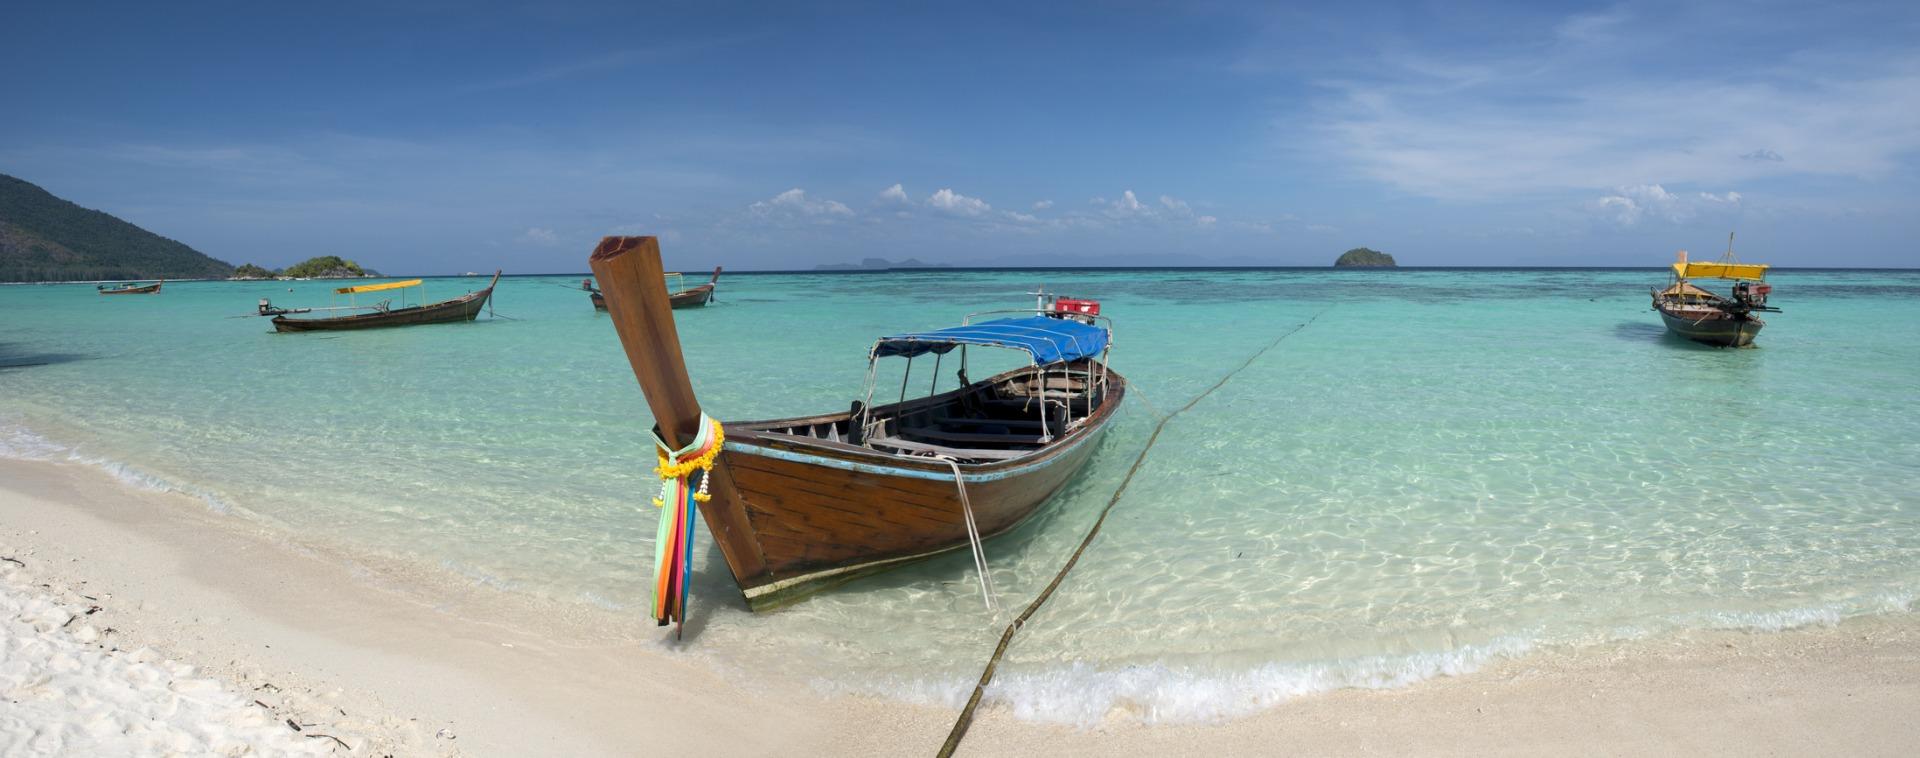 Location de voiliers en Indonésie